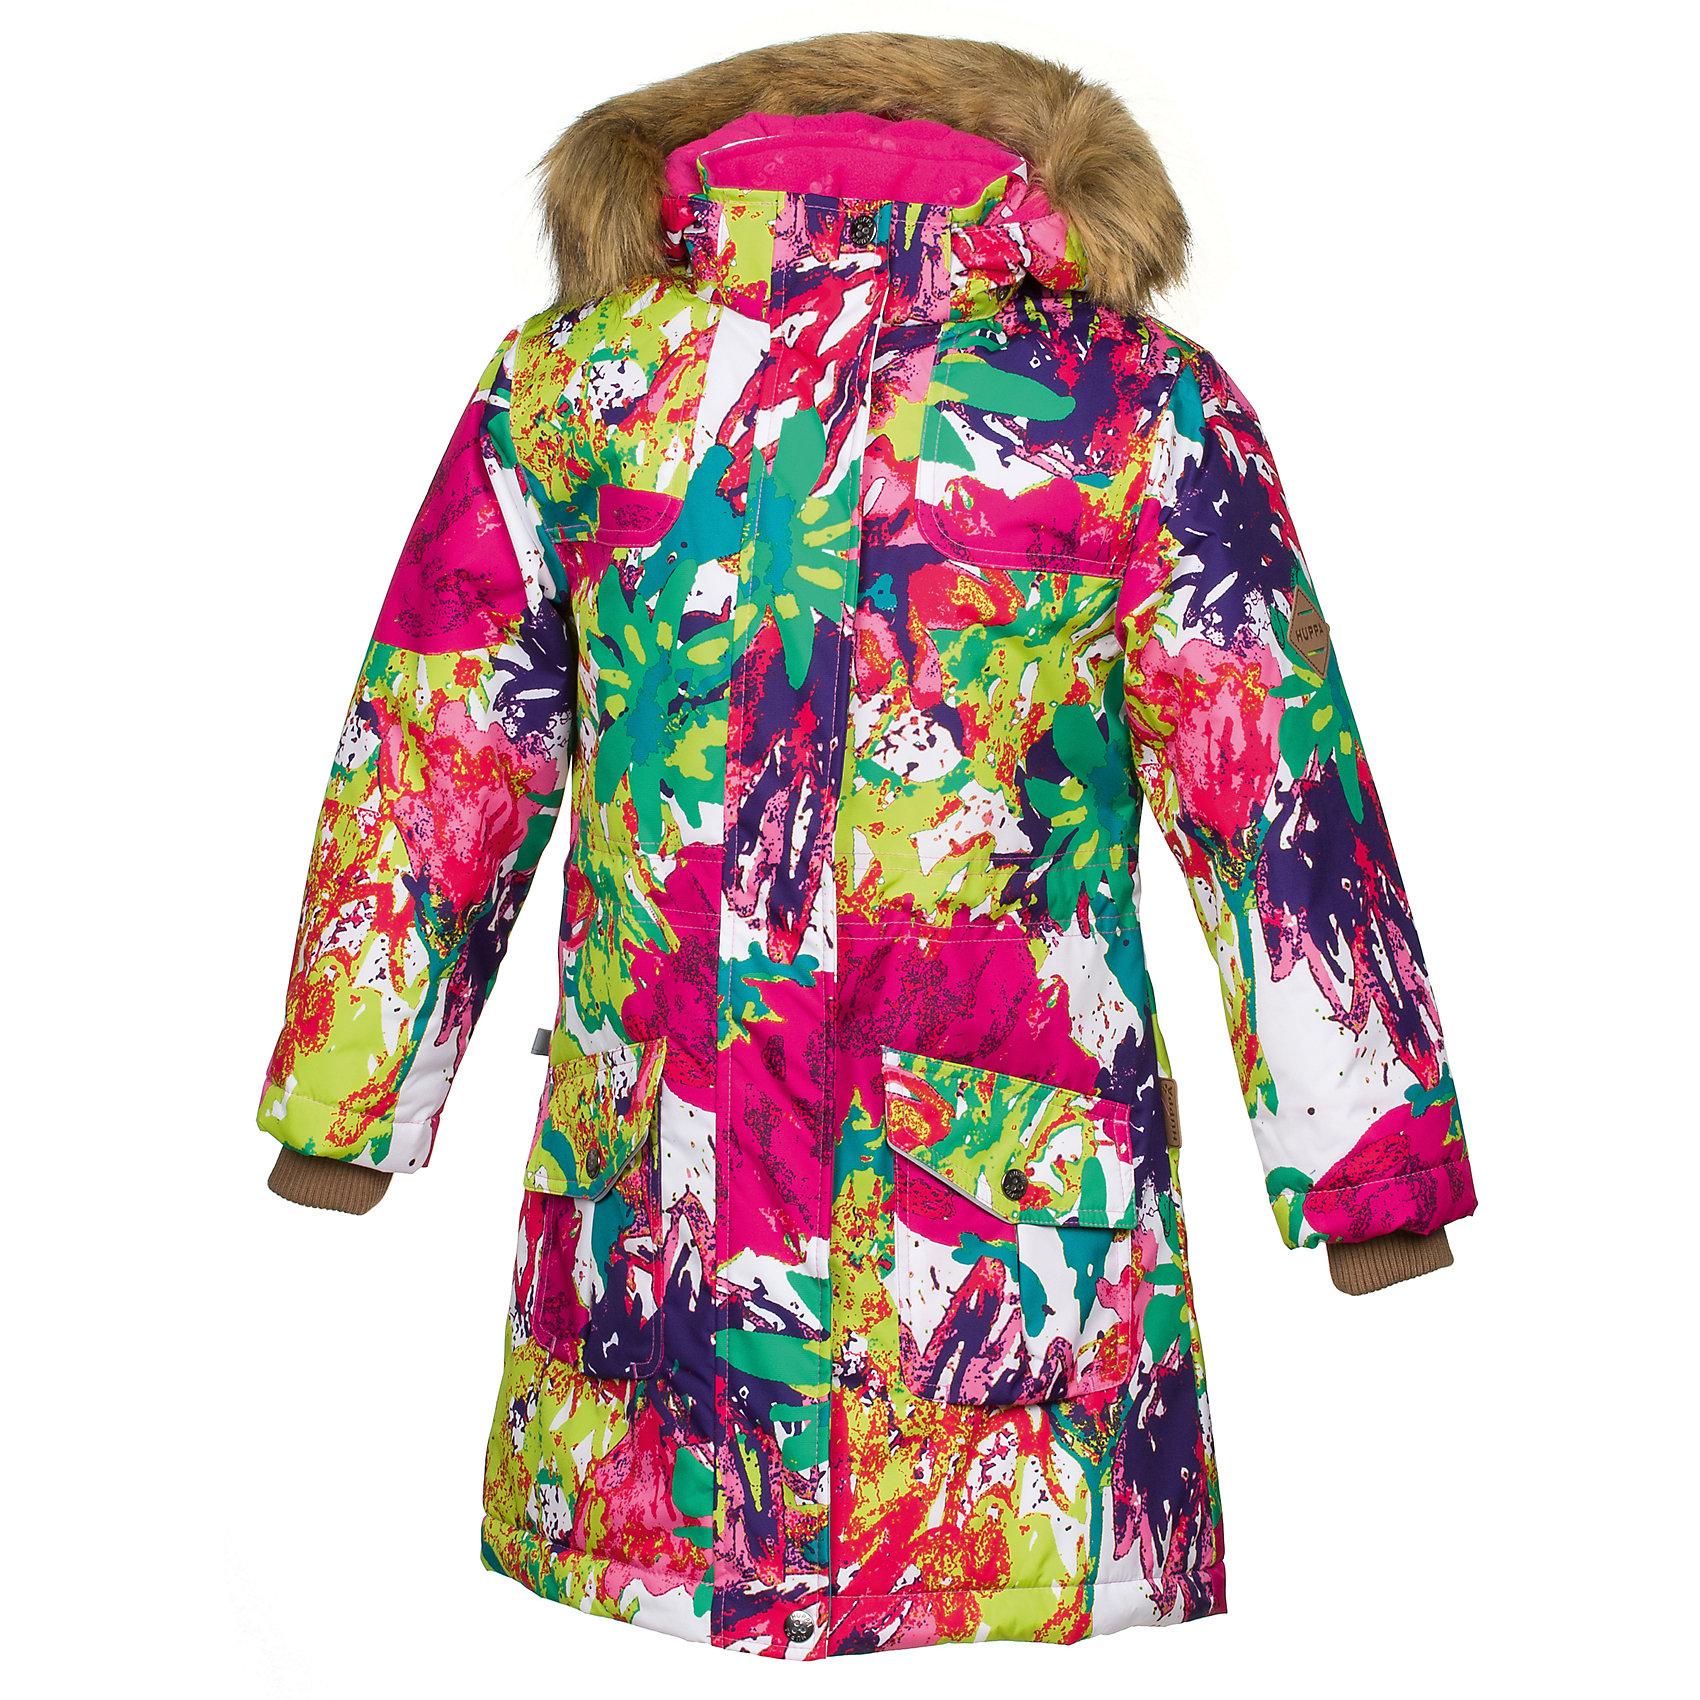 Куртка MONA Huppa для девочкиВерхняя одежда<br>Характеристики товара:<br><br>• модель: Mona;<br>• цвет: ягодный принт;<br>• состав: 100% полиэстер;<br>• утеплитель: полиэстер,300 гр.;<br>• подкладка: полиэстер, тафта, флис;<br>• сезон: зима;<br>• температурный режим: от - 5 до - 30С;<br>• водонепроницаемость: 10000 мм;<br>• воздухопроницаемость: 10000 г/м2/24ч;<br>• влагостойкие, водоотталкивающие, ветрозащитные и дышащие материалы.<br>• плечевые швы проклеены и не пропускают влагу;<br>• защитная планка молнии;<br>• двухсторонняя молния;<br>• безопасный отстёгивающийся капюшон;<br>• съемный искусственный мех на капюшоне;<br>• по линии талии регулируемый стопперами резиновый шнур;<br>• два накладных кармана;<br>• светоотражающие элементы для безопасности ребенка;<br>• внутренние вязаные манжеты на рукавах; <br>• страна бренда: Финляндия;<br>• страна изготовитель: Эстония.<br><br>Модная белоснежная парка Mona от бренда Huppa – желанное приобретение для следящих за модой девушек. Стильная модель радует безупречным дизайном. <br><br>Помимо внешней красоты парка отличается высокой функциональностью. Такое облачение не позволит владелице замёрзнуть даже в 30-ти градусный мороз. Глубокий капюшон с пушистой меховой оторочкой сделает зимние прогулки ещё комфортнее. Пара глубоких карманов на заклёпках уберегут вещи от снега. Широкие манжеты-резинки повышают теплосберегающие свойства модели, а также препятствуют проникновению под одежду снега. На подоле и талии предусмотрены регулирующие шнурки.Бегунок молнии открывается/закрывается снизу и сверху.Имеются светоотражательные элементы.<br><br>Куртку Mona для девочки бренда HUPPA  можно купить в нашем интернет-магазине.<br><br>Ширина мм: 356<br>Глубина мм: 10<br>Высота мм: 245<br>Вес г: 519<br>Цвет: белый<br>Возраст от месяцев: 132<br>Возраст до месяцев: 144<br>Пол: Женский<br>Возраст: Детский<br>Размер: 152,158,164,170,116,122,128,140,146,134,104,110<br>SKU: 7025055